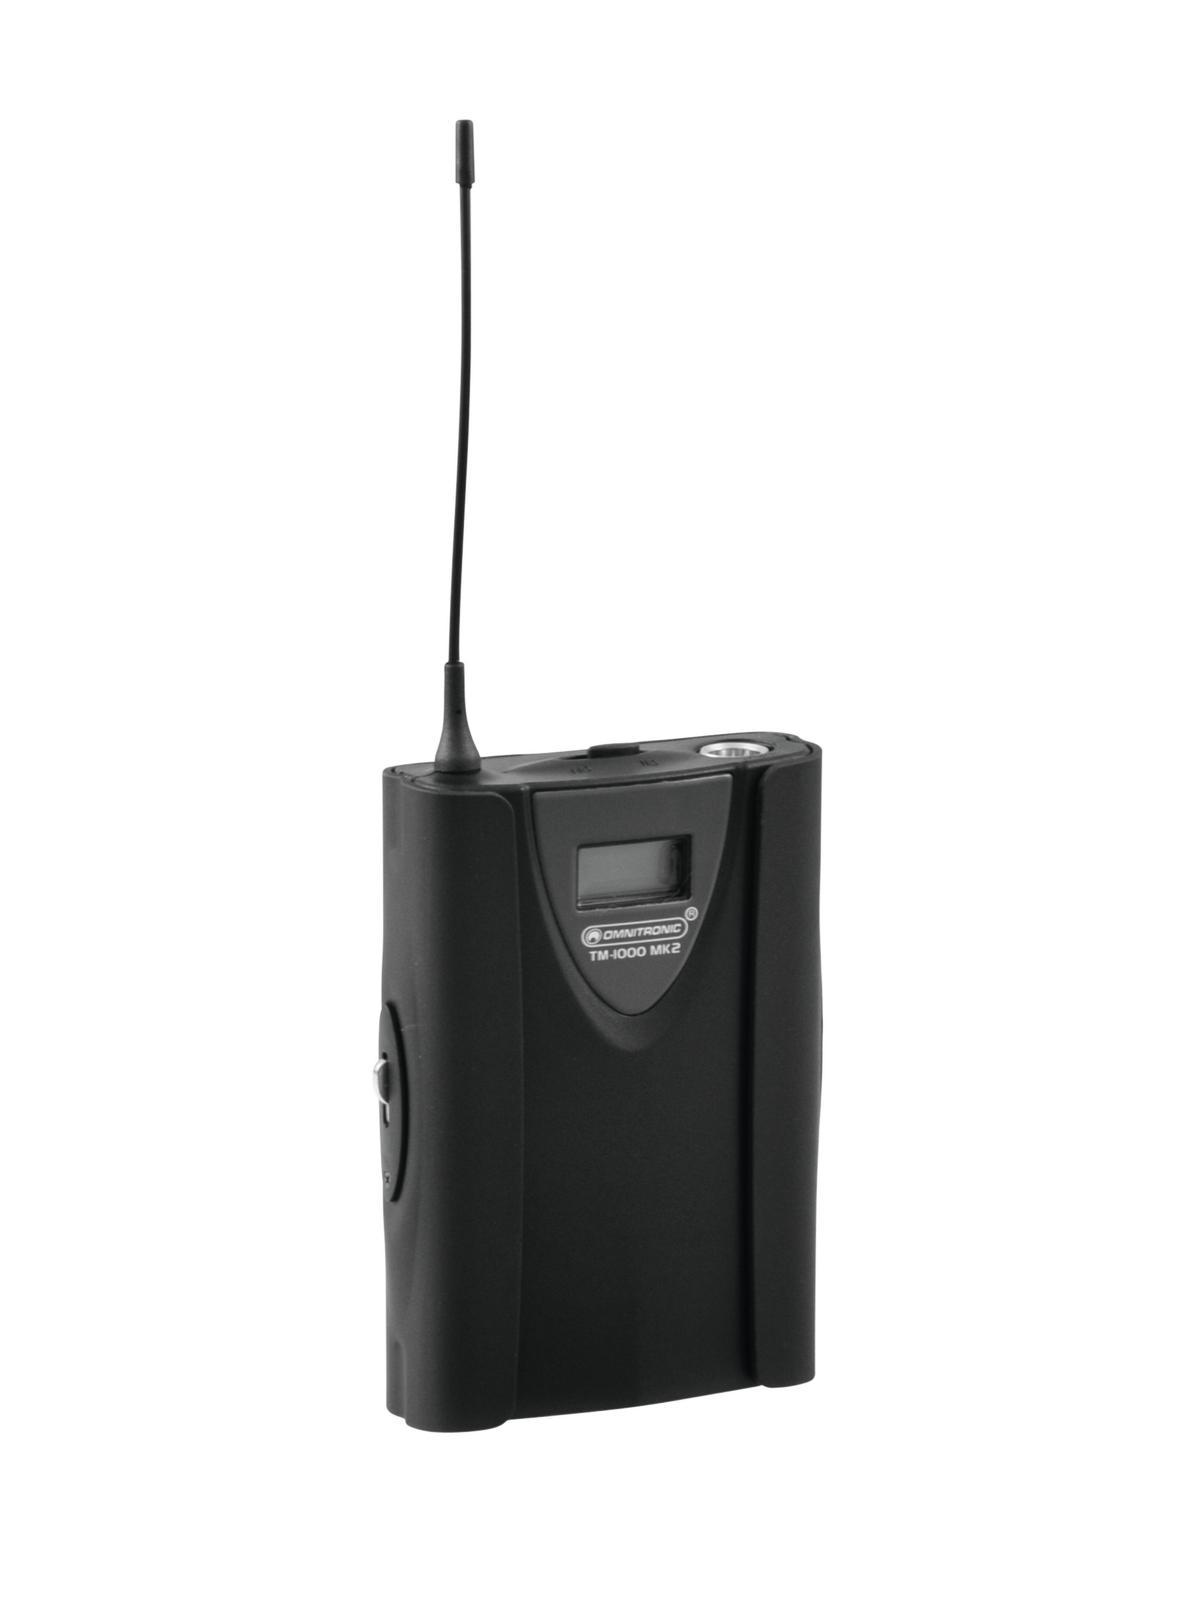 OMNITRONIC TM-1000 MK2 trasmettitore Tascabile Copertura 100 m